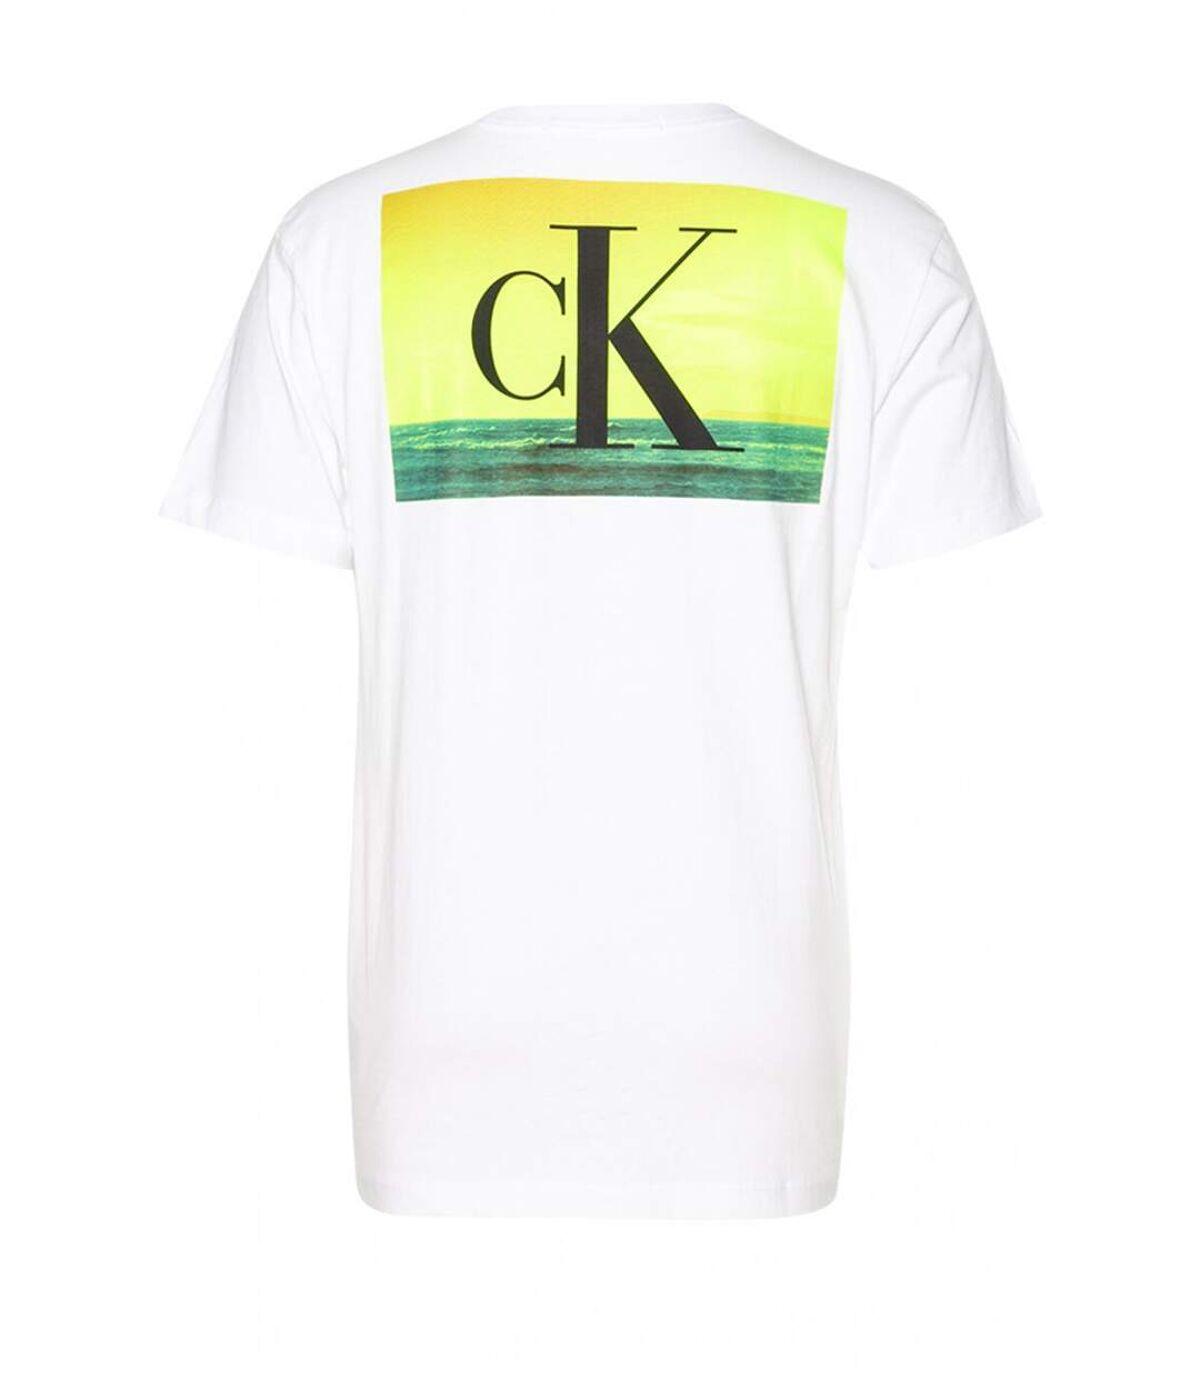 Tee shirt coton dos à gros logo  -  Calvin klein - Homme